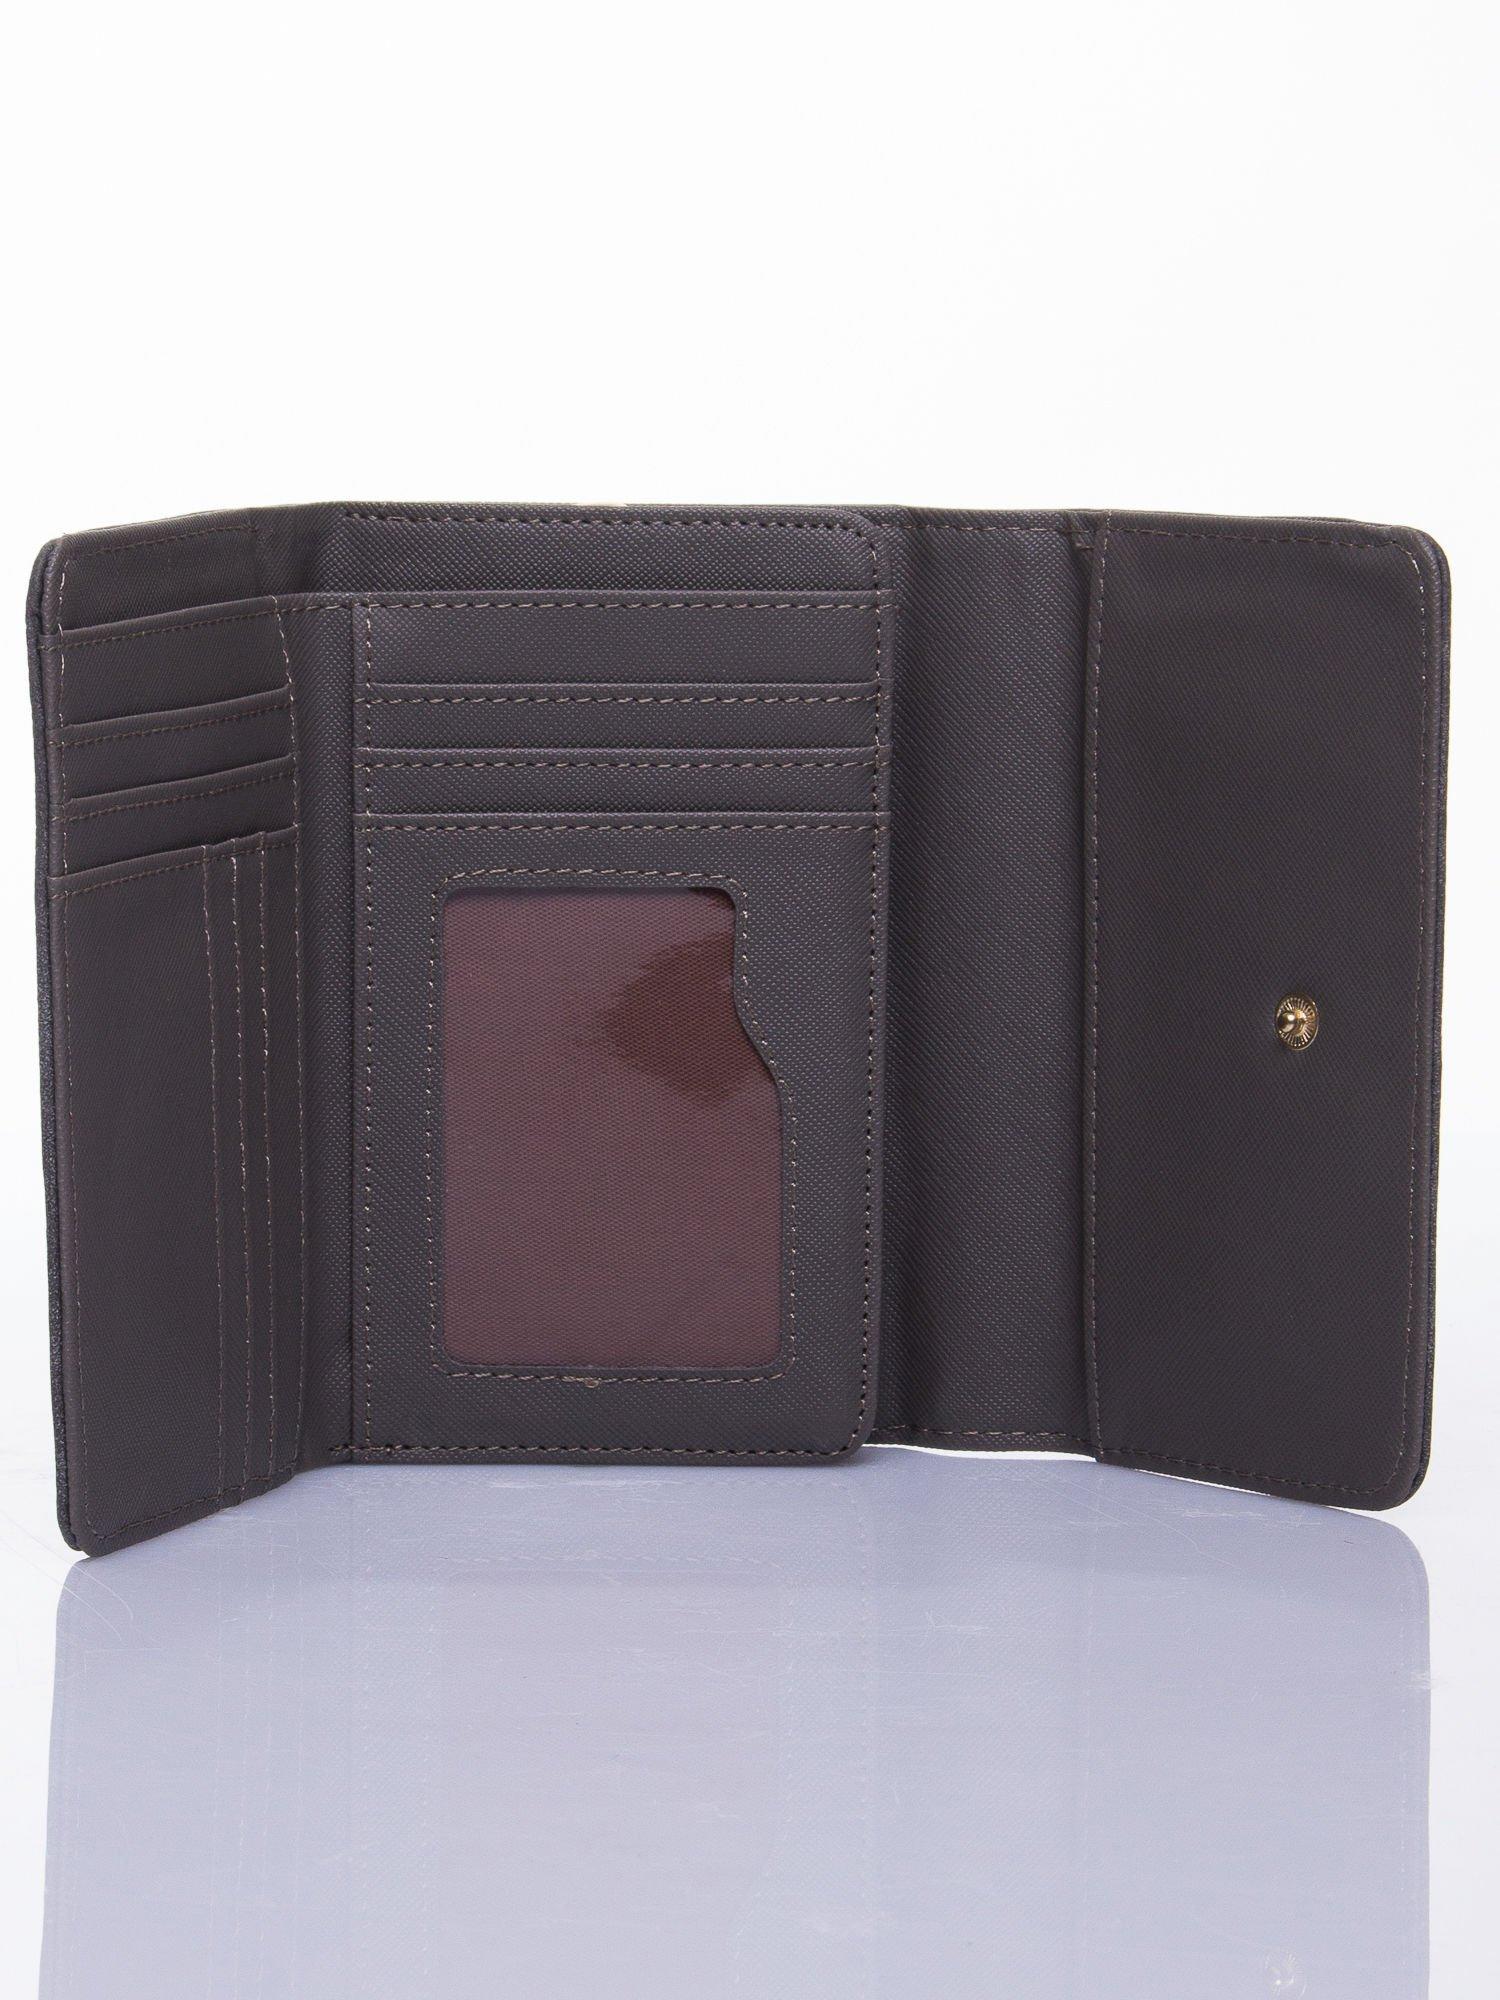 Szary ażurowany portfel ze złotym zapięciem                                  zdj.                                  3